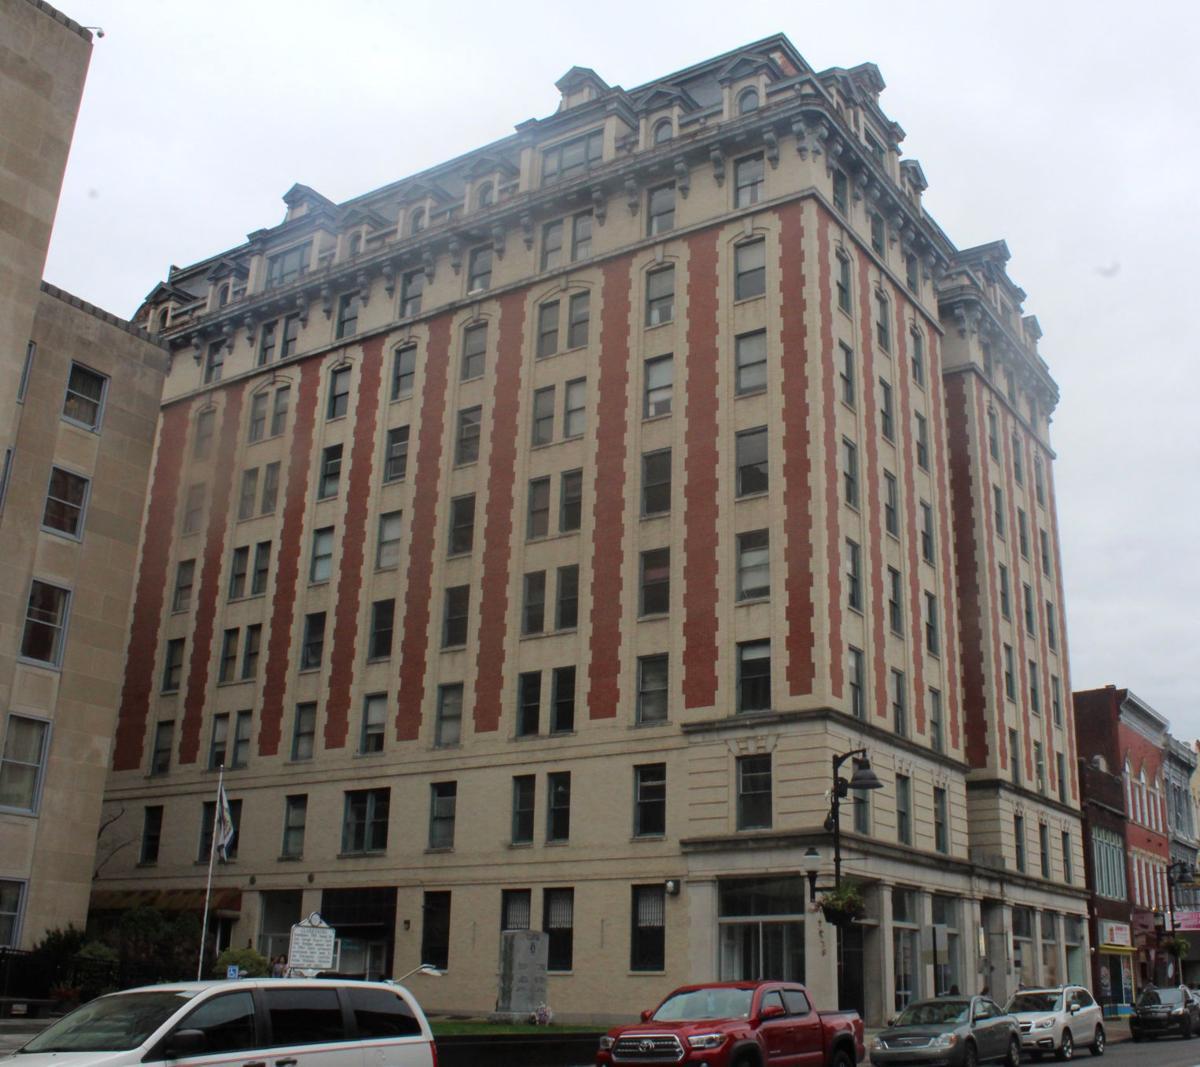 Goff Building